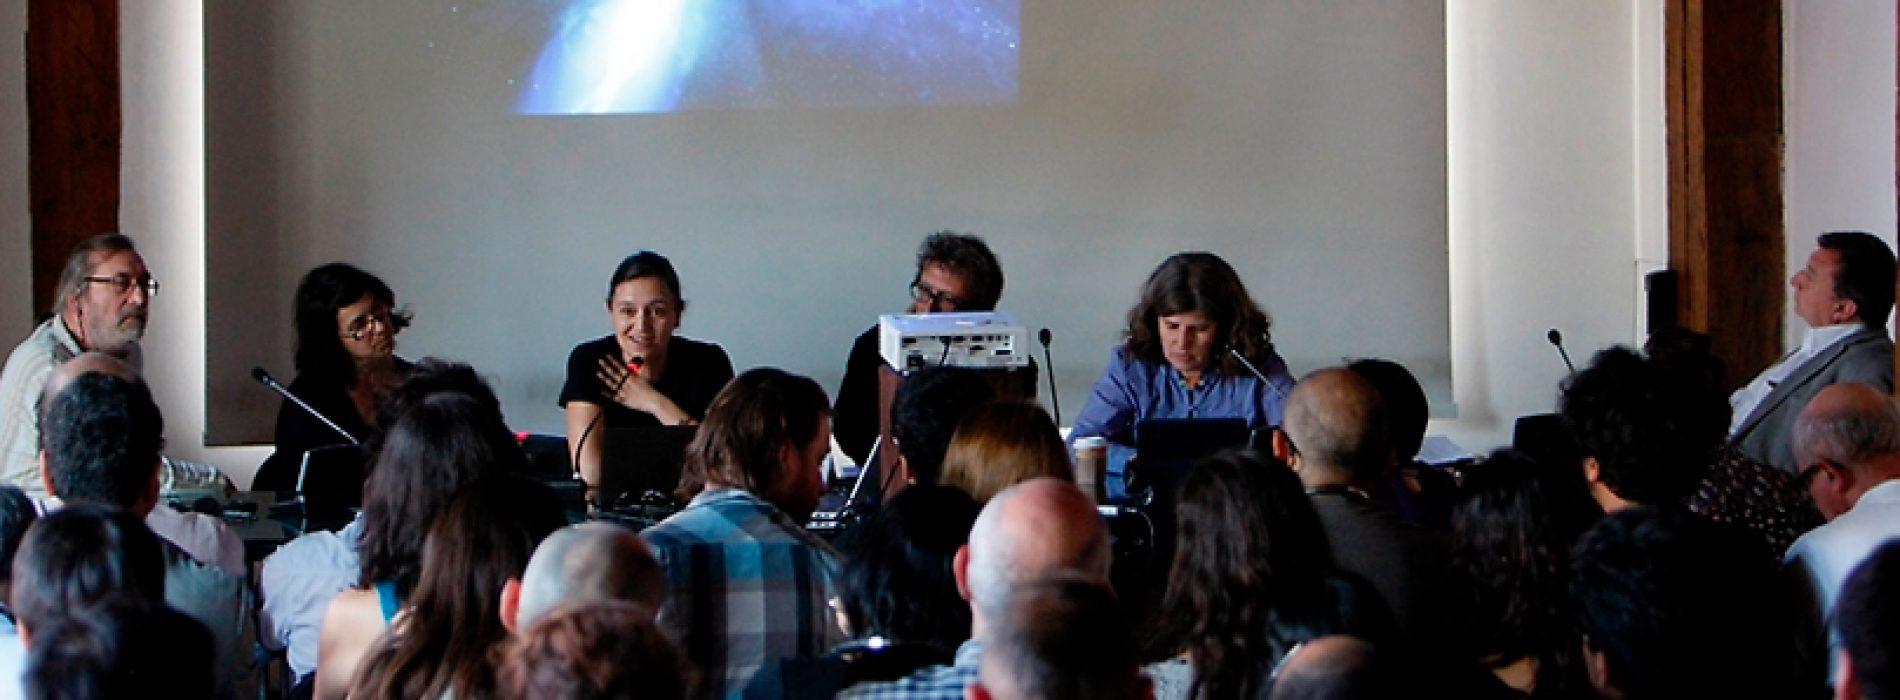 Académicos rindieron homenaje a Francisco Varela con un debate sobre «el conocer»